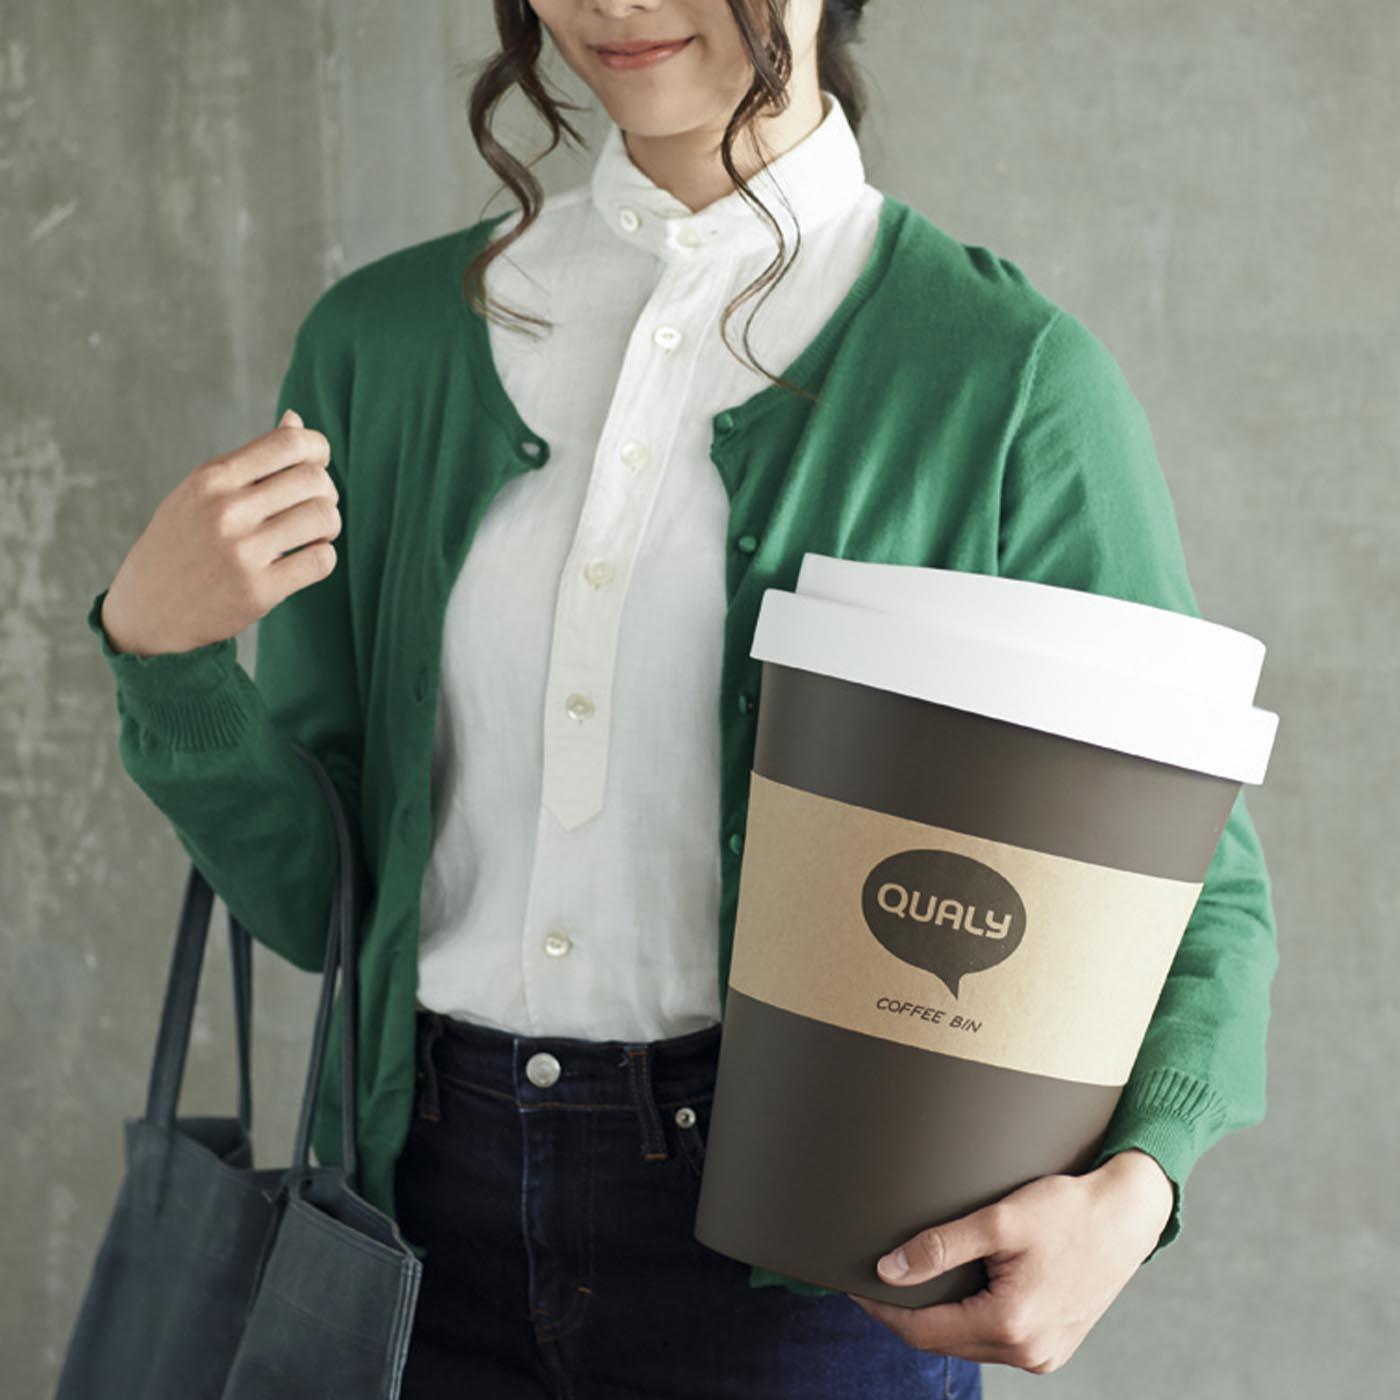 まるで巨大なコーヒーカップをテイクアウトしたみたい!?